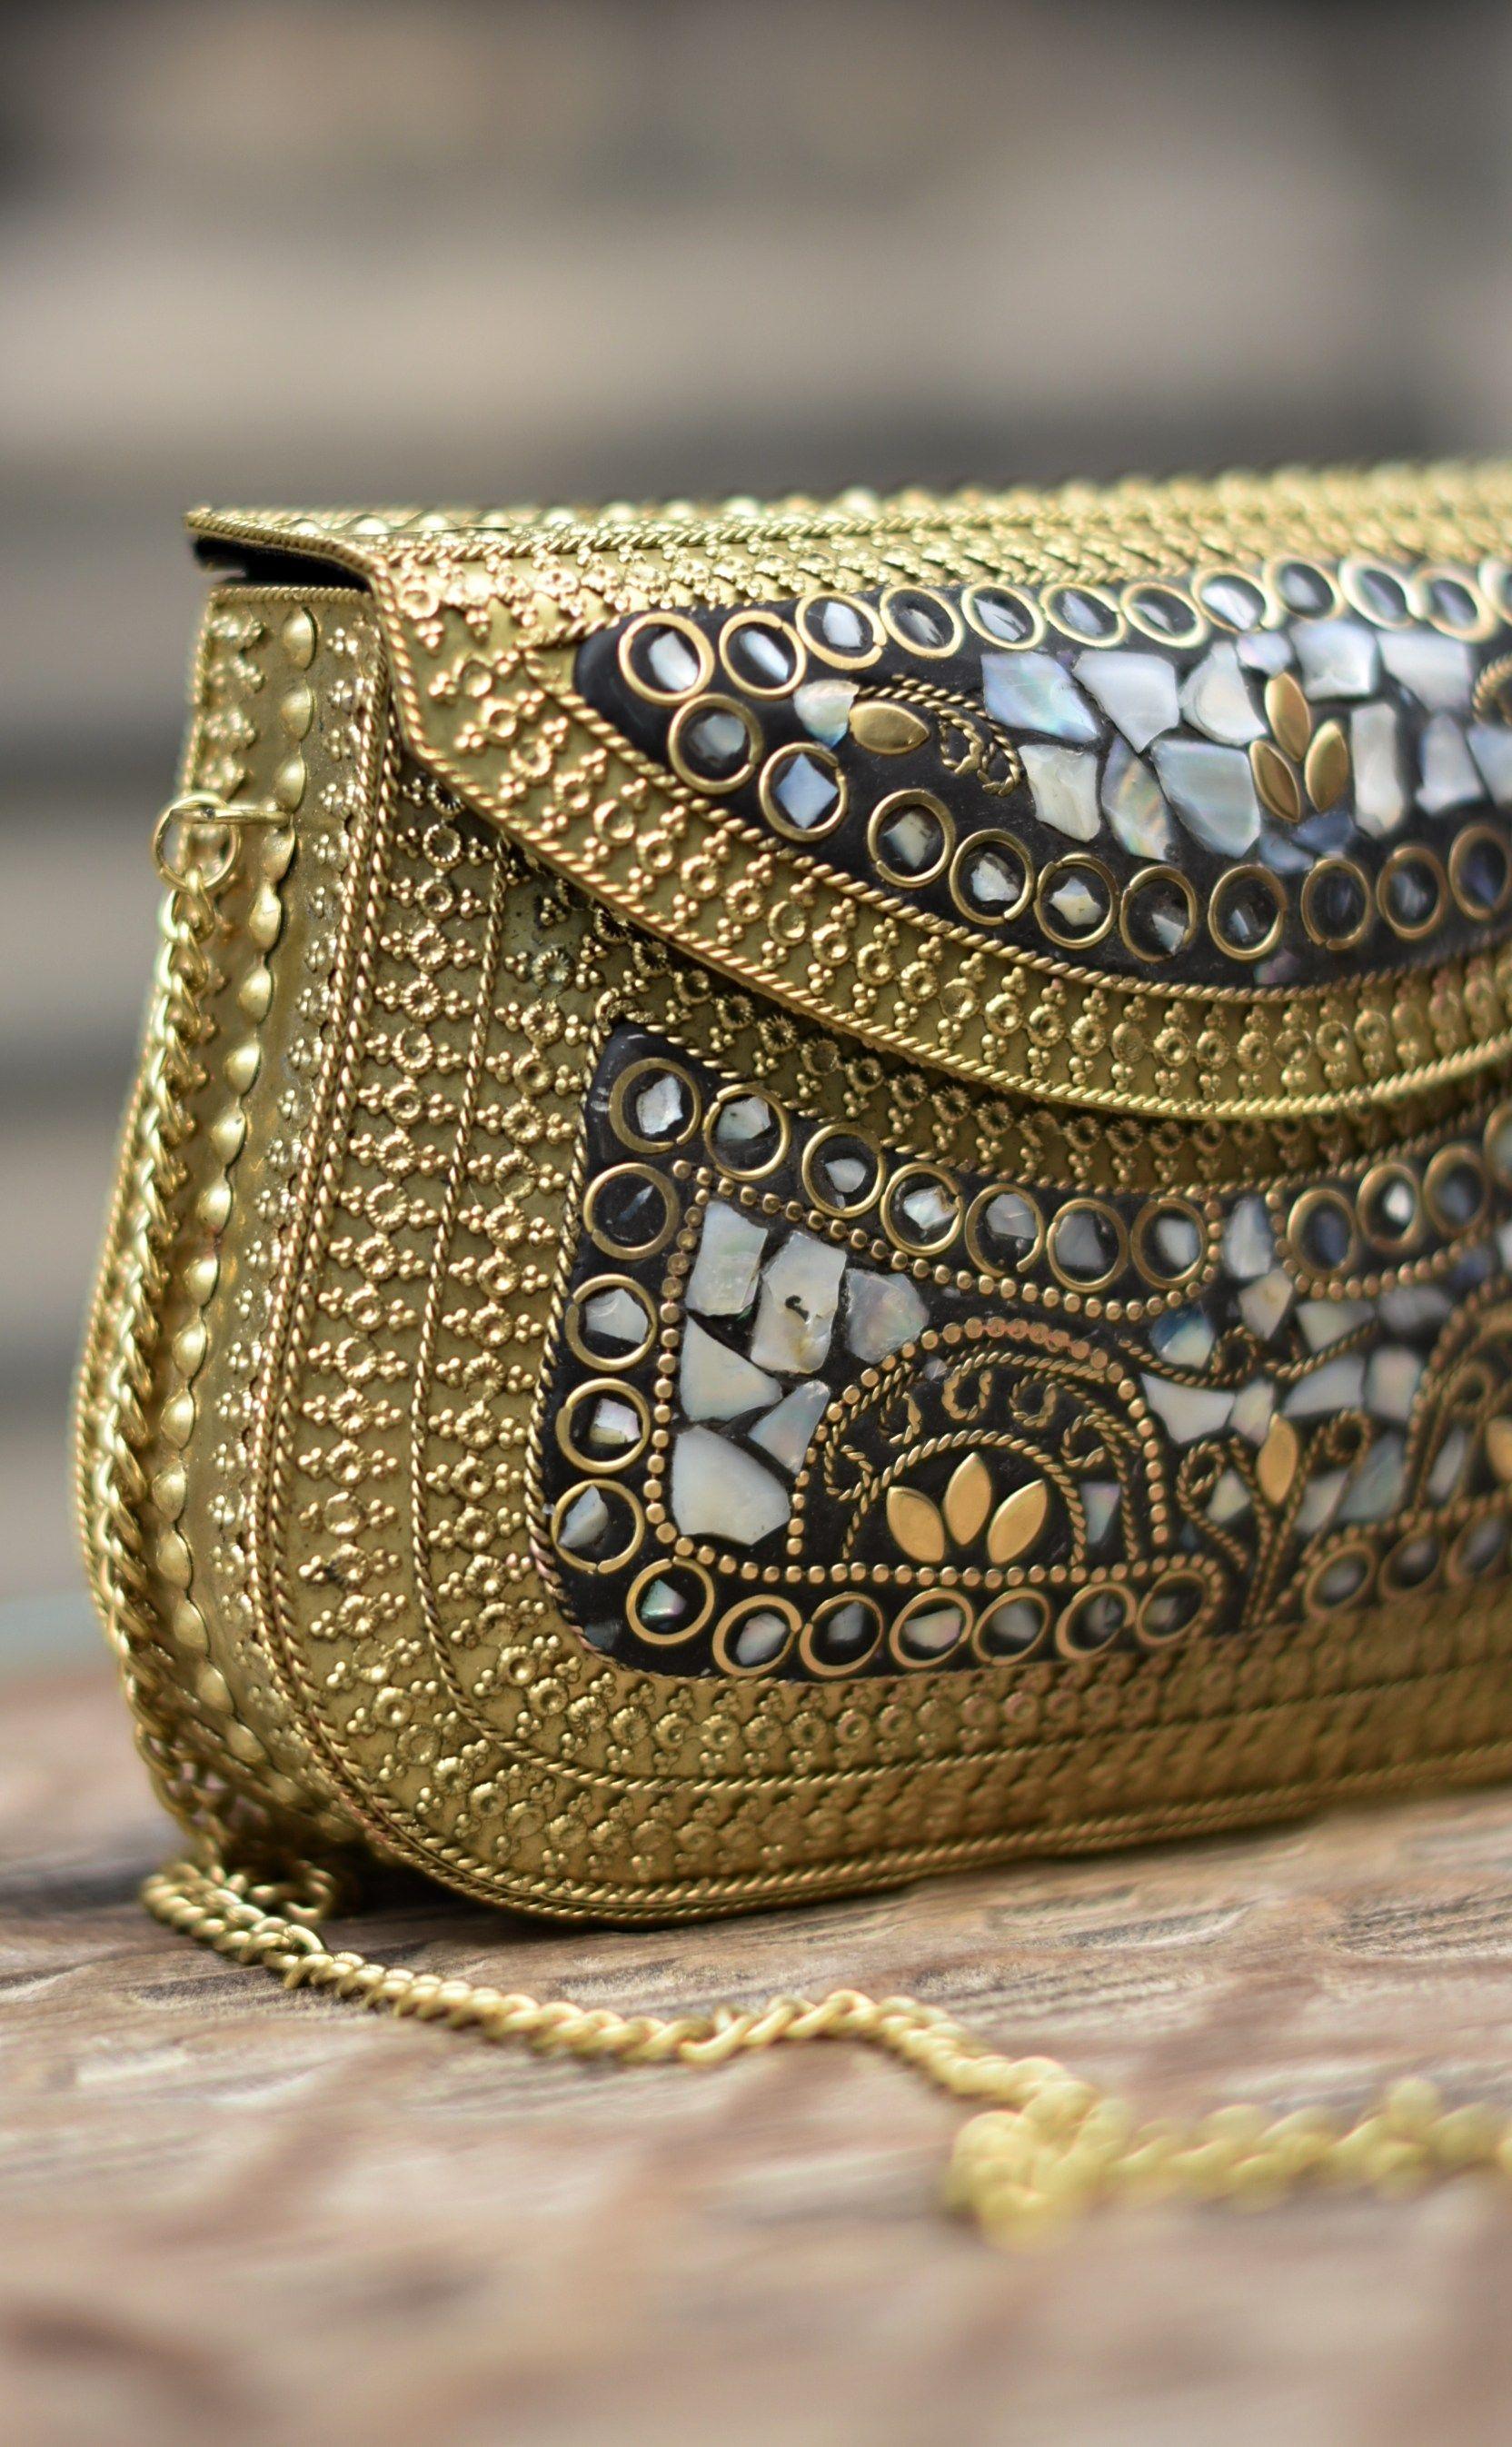 Bolso Metálico Mosaico Mediano Con Incrustaciones En Color Nácar Y Dorado Bolso Bolsos De Moda Bolsas Occidentales